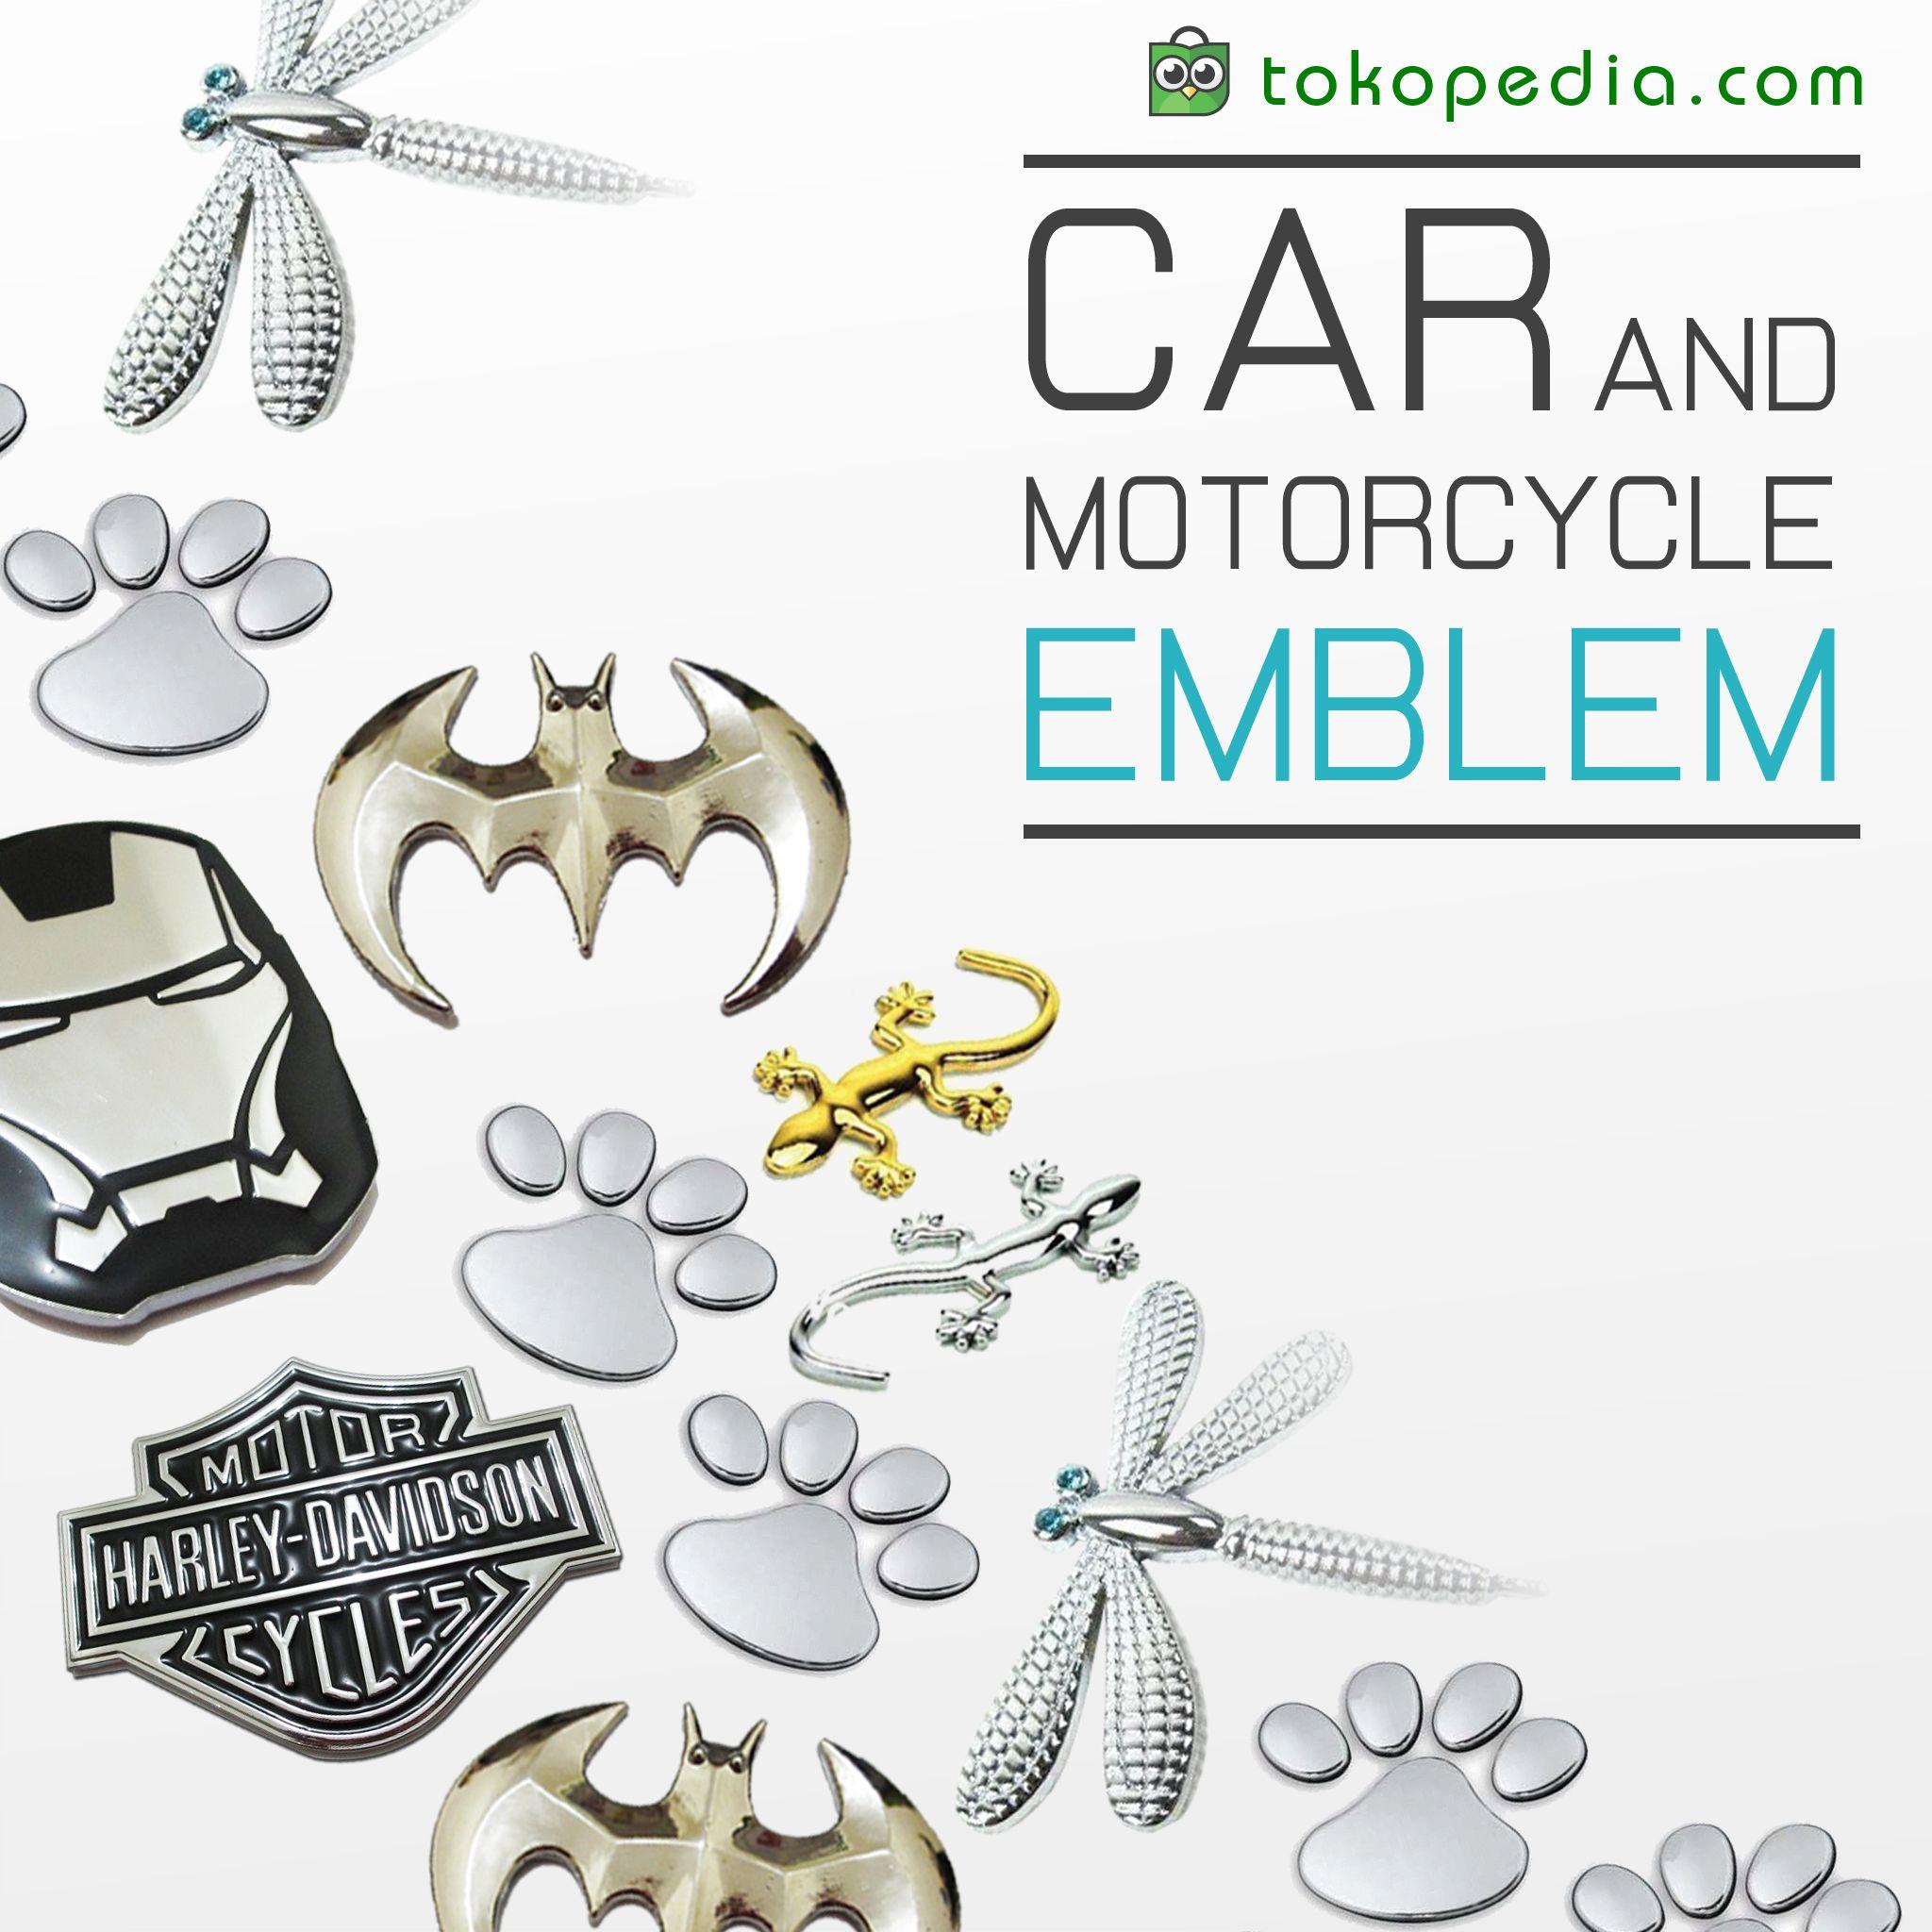 Butuh Emblem Yang Gagah Berani Dan Keren Untuk Mobil Dan Motor Kesayangan Kamu Tempel Emblem Atau Sticker Ga Akan Berasa Sama Kalo Kamu Perasaan Mobil Produk